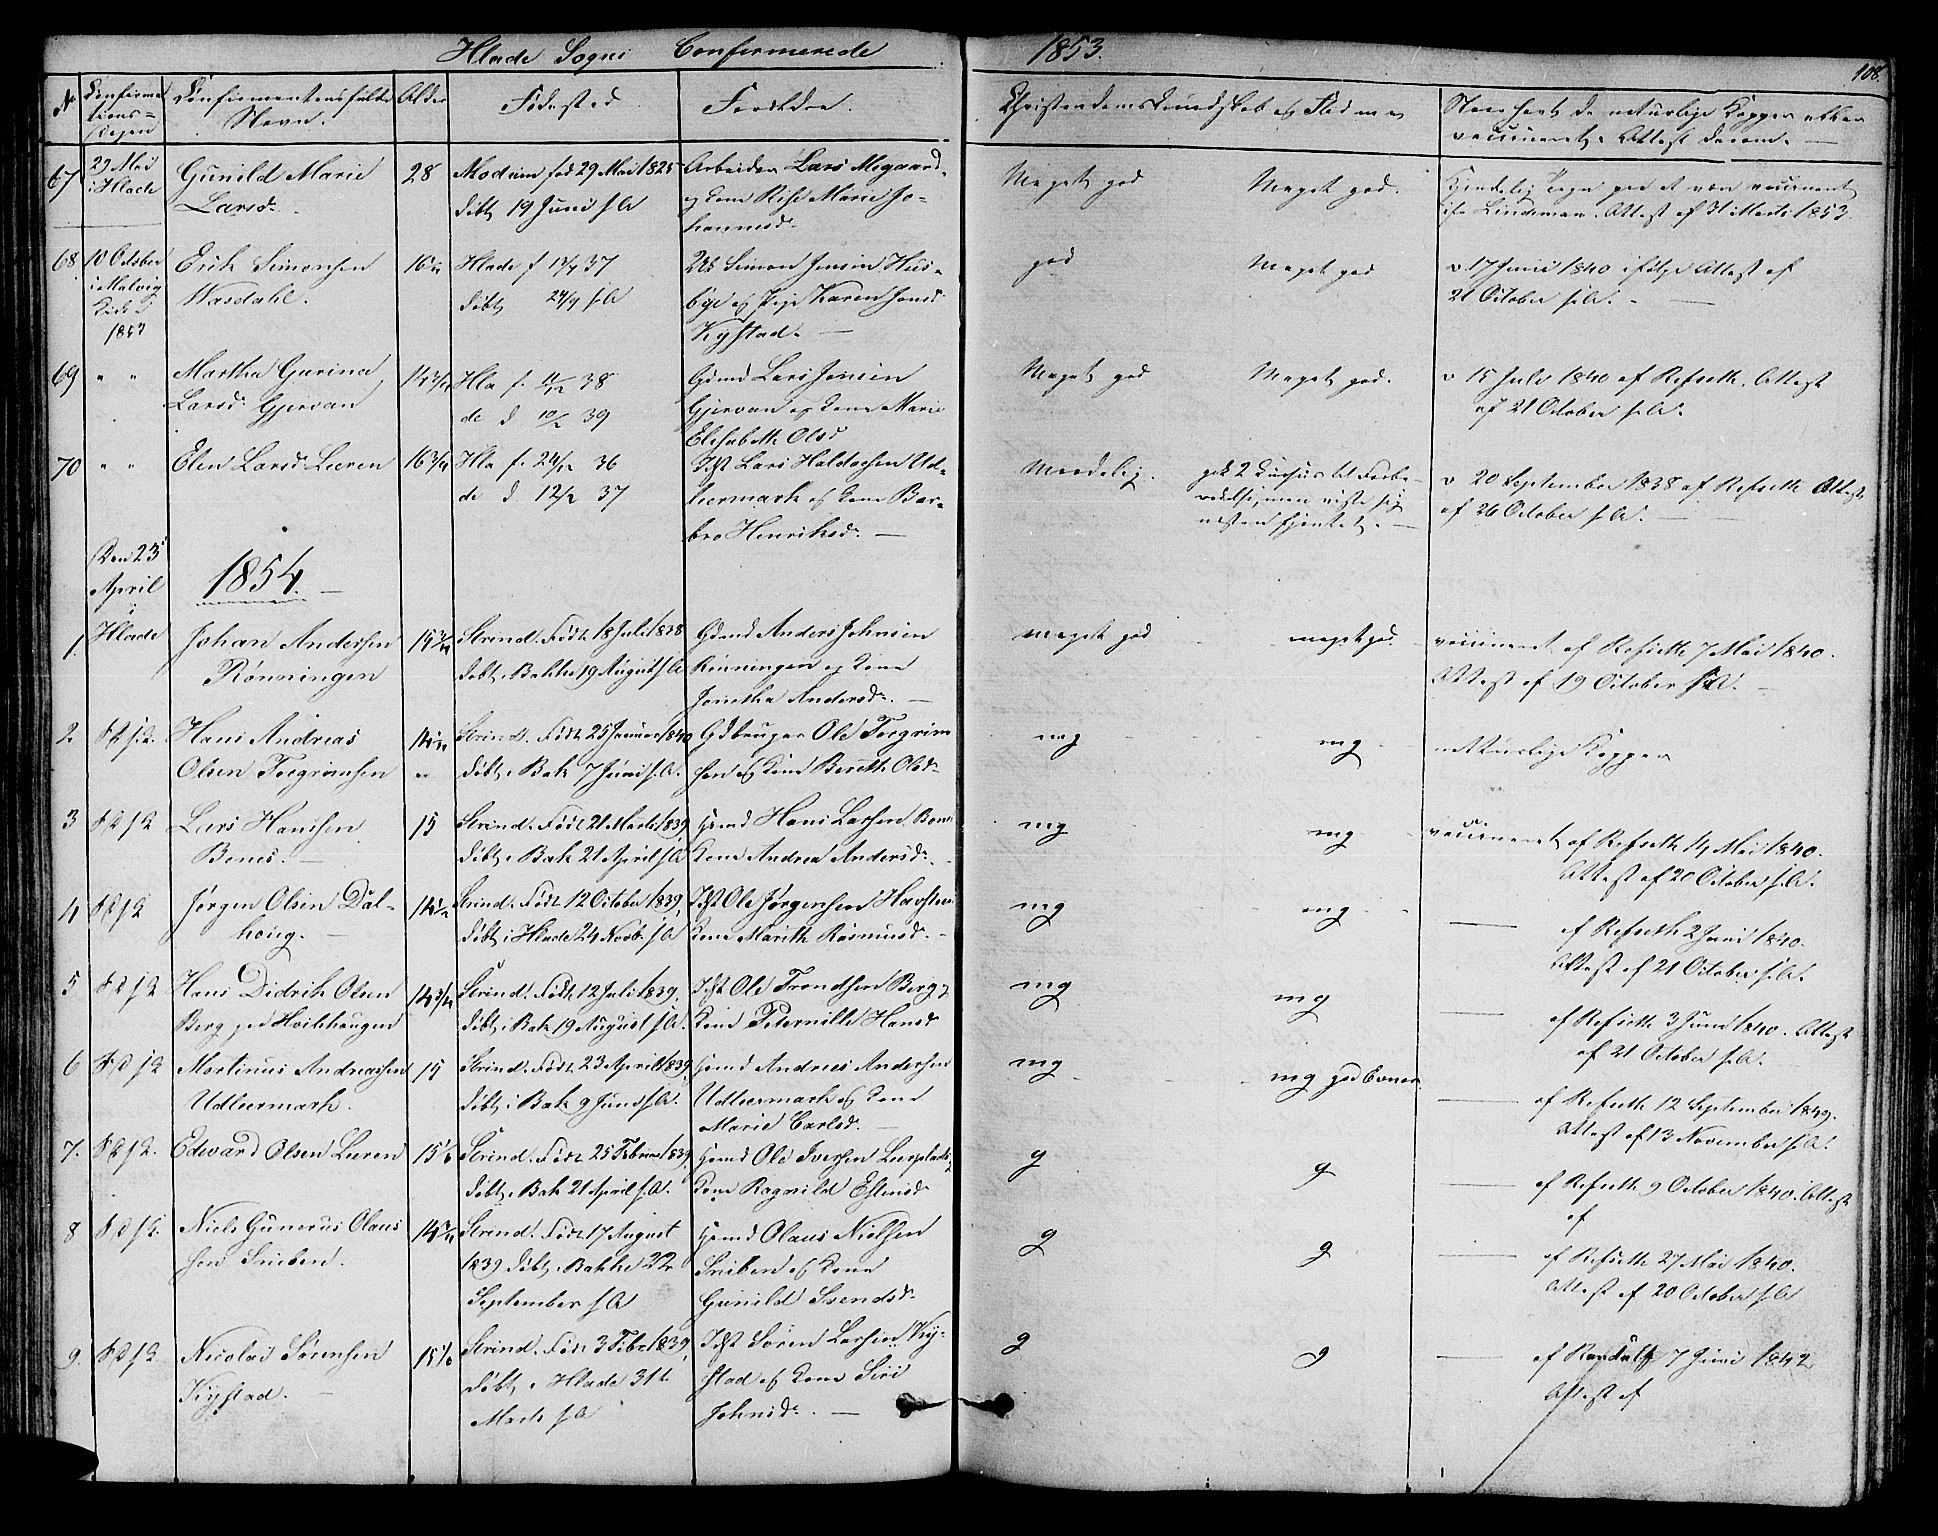 SAT, Ministerialprotokoller, klokkerbøker og fødselsregistre - Sør-Trøndelag, 606/L0310: Klokkerbok nr. 606C06, 1850-1859, s. 108